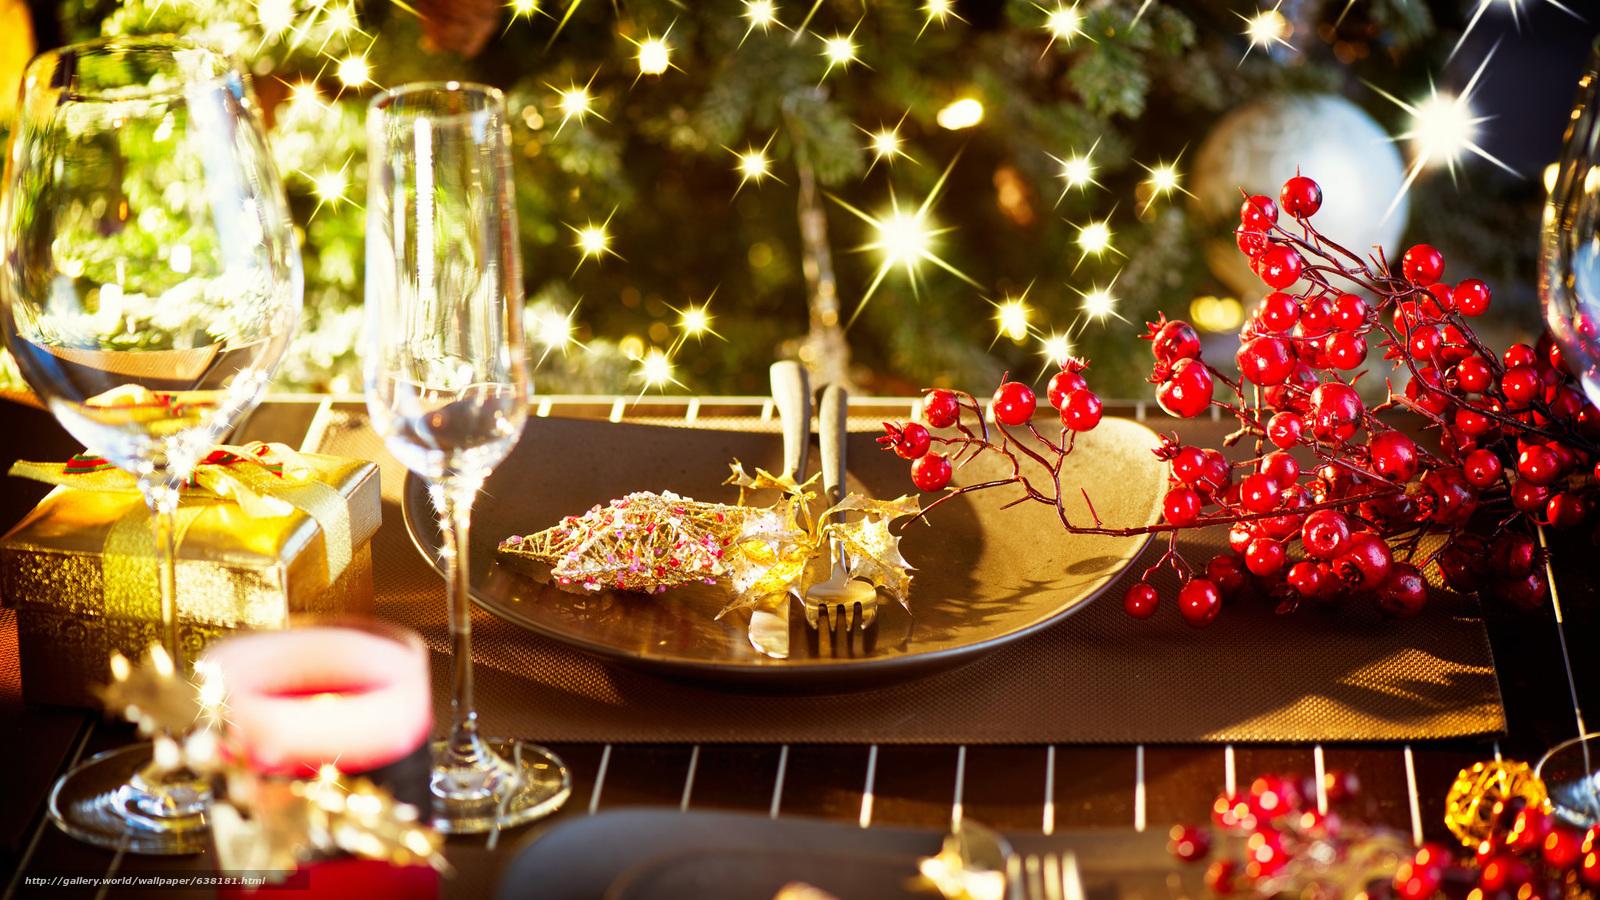 обои для стола с новогодней темой № 634971  скачать